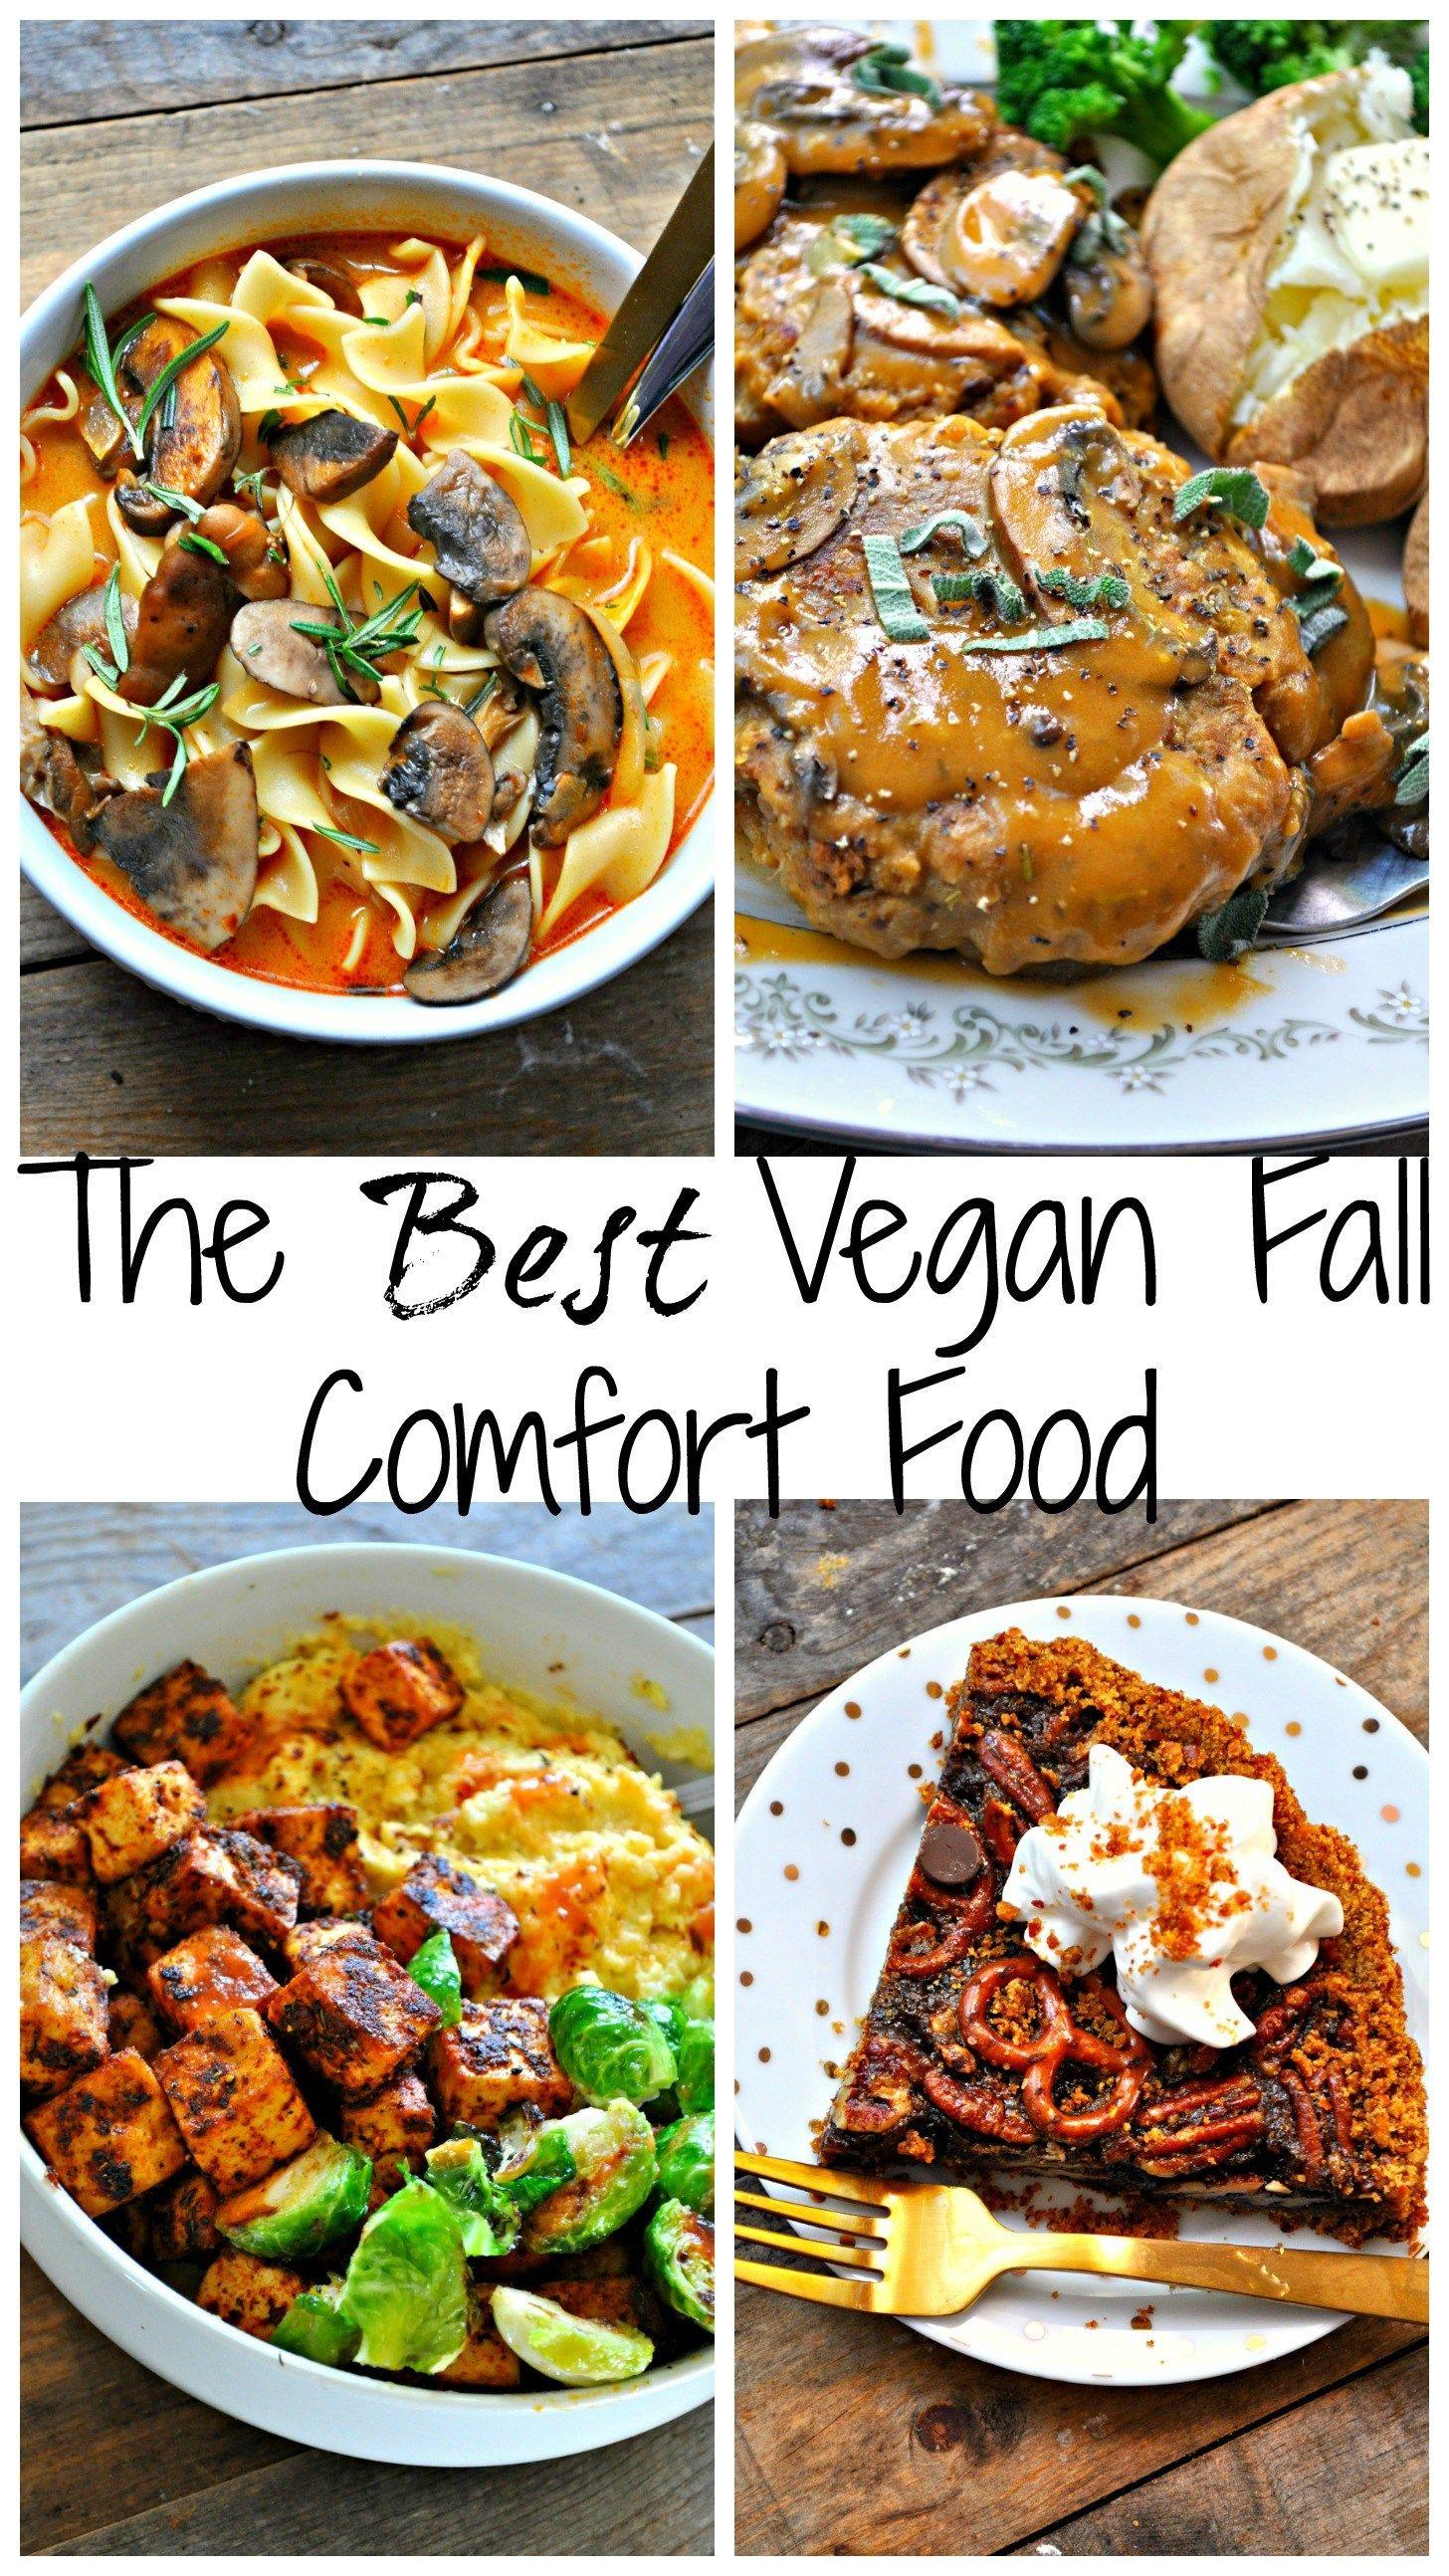 The Best Vegan Fall Comfort Food Vegan Vegan Recipes